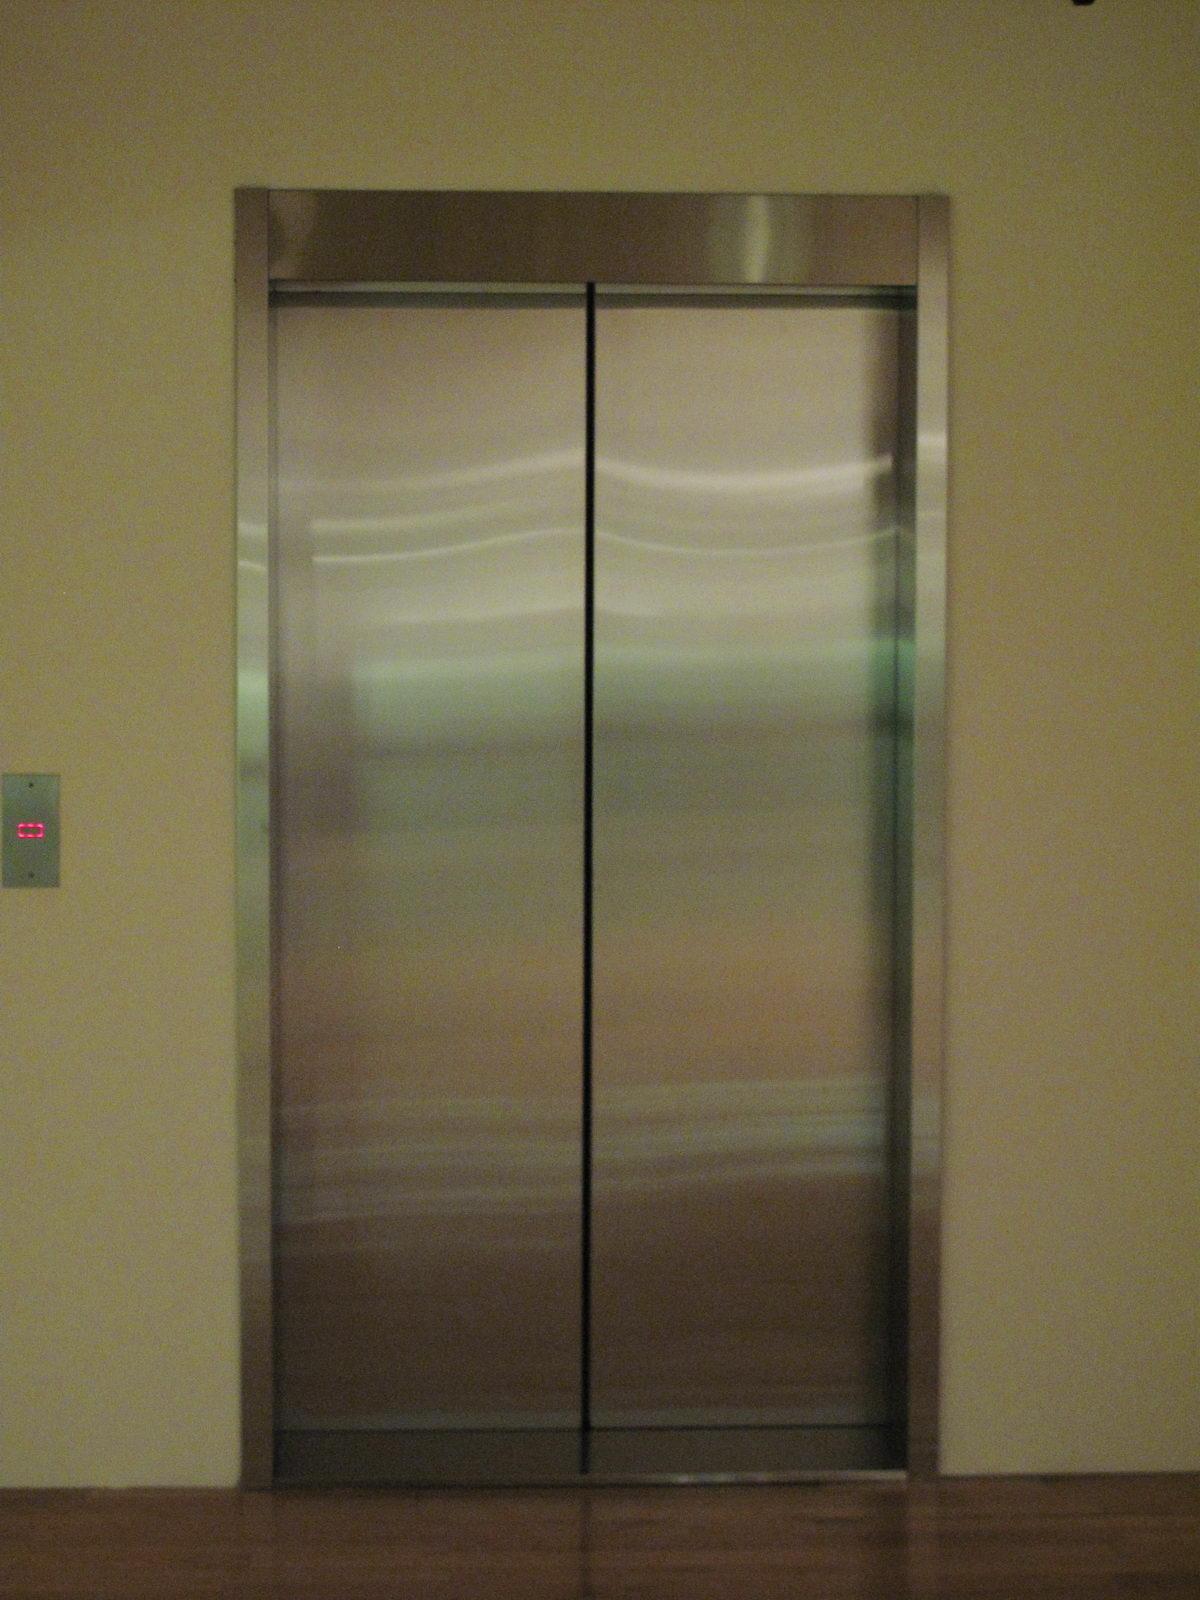 Conversaci n en el ascensor r v for Materiales para hacer un ascensor